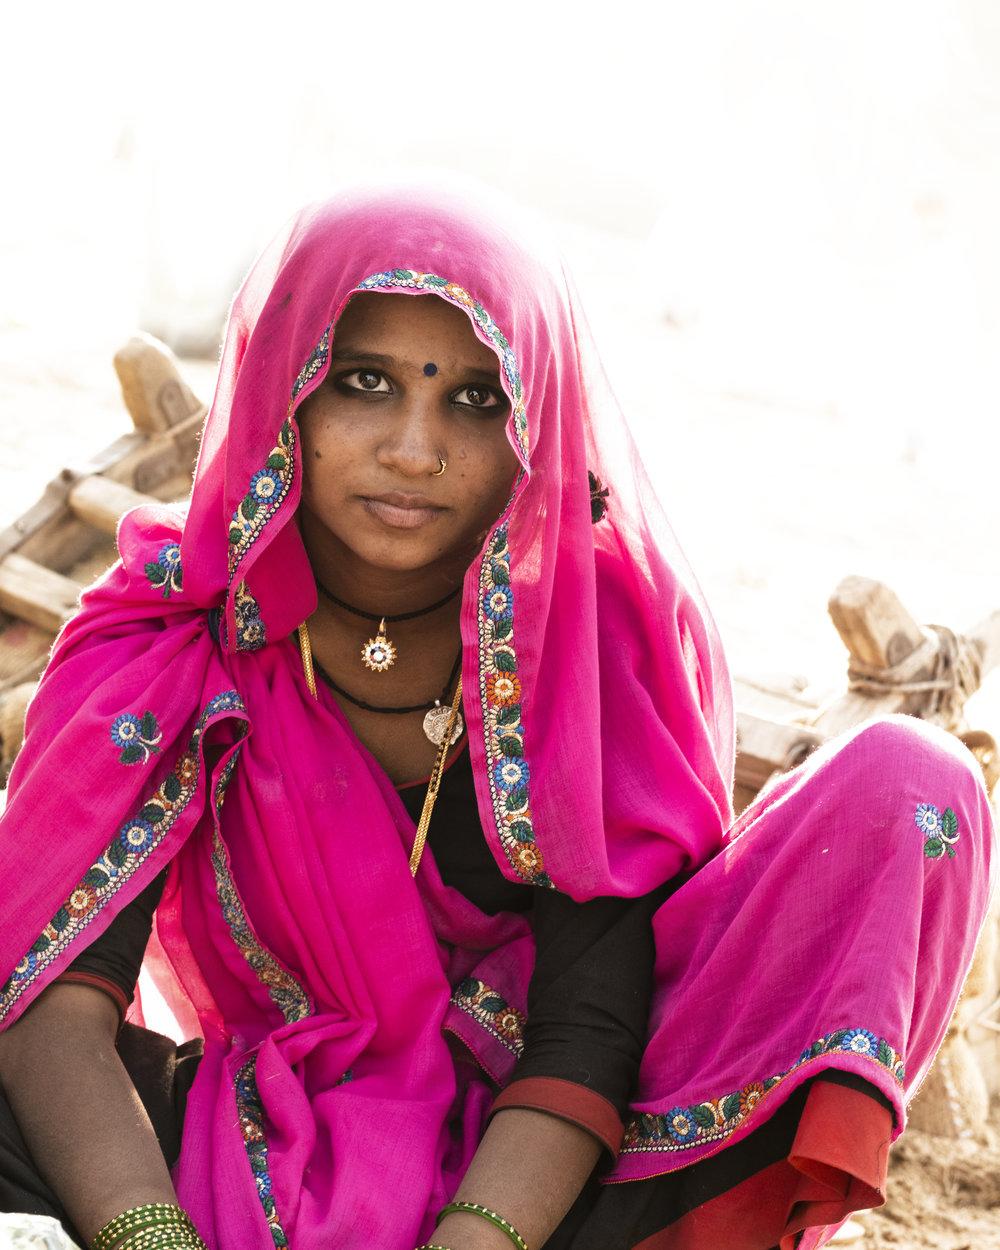 Pushkar Camel Market